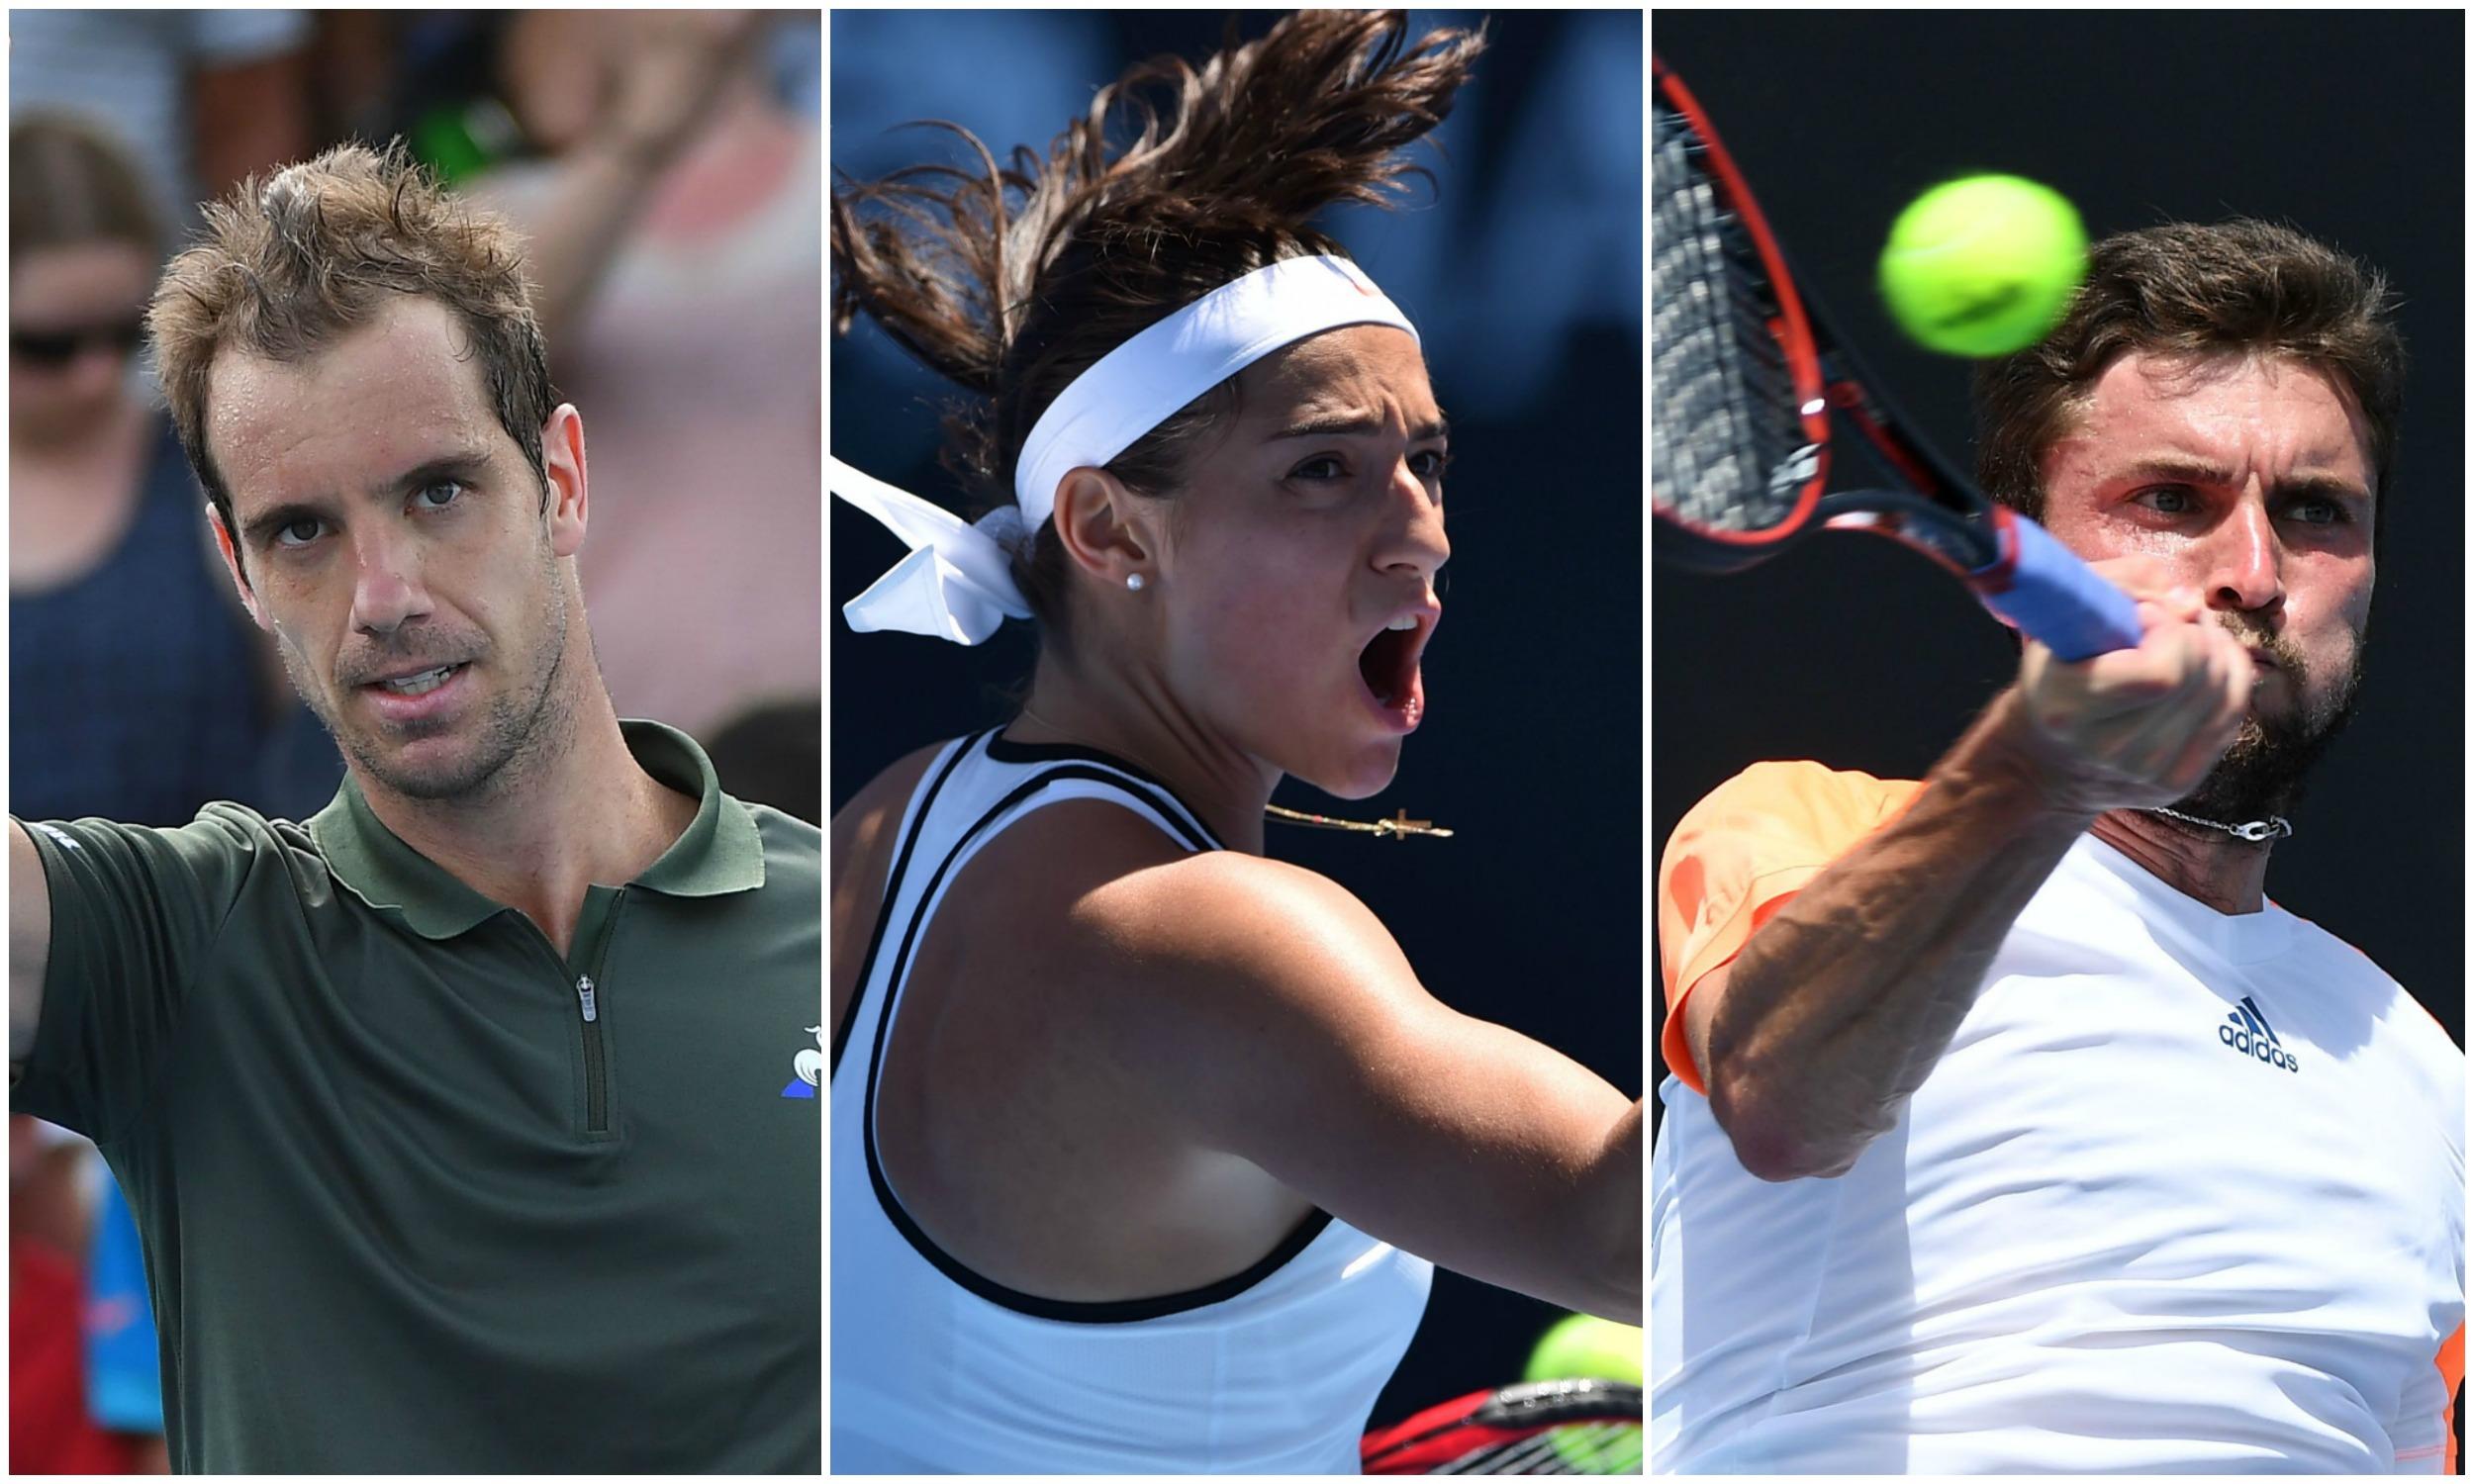 Tennis - Open Australie - Gasquet, Simon, Garcia: Ce qu'il faut retenir de la nuit à Melbourne